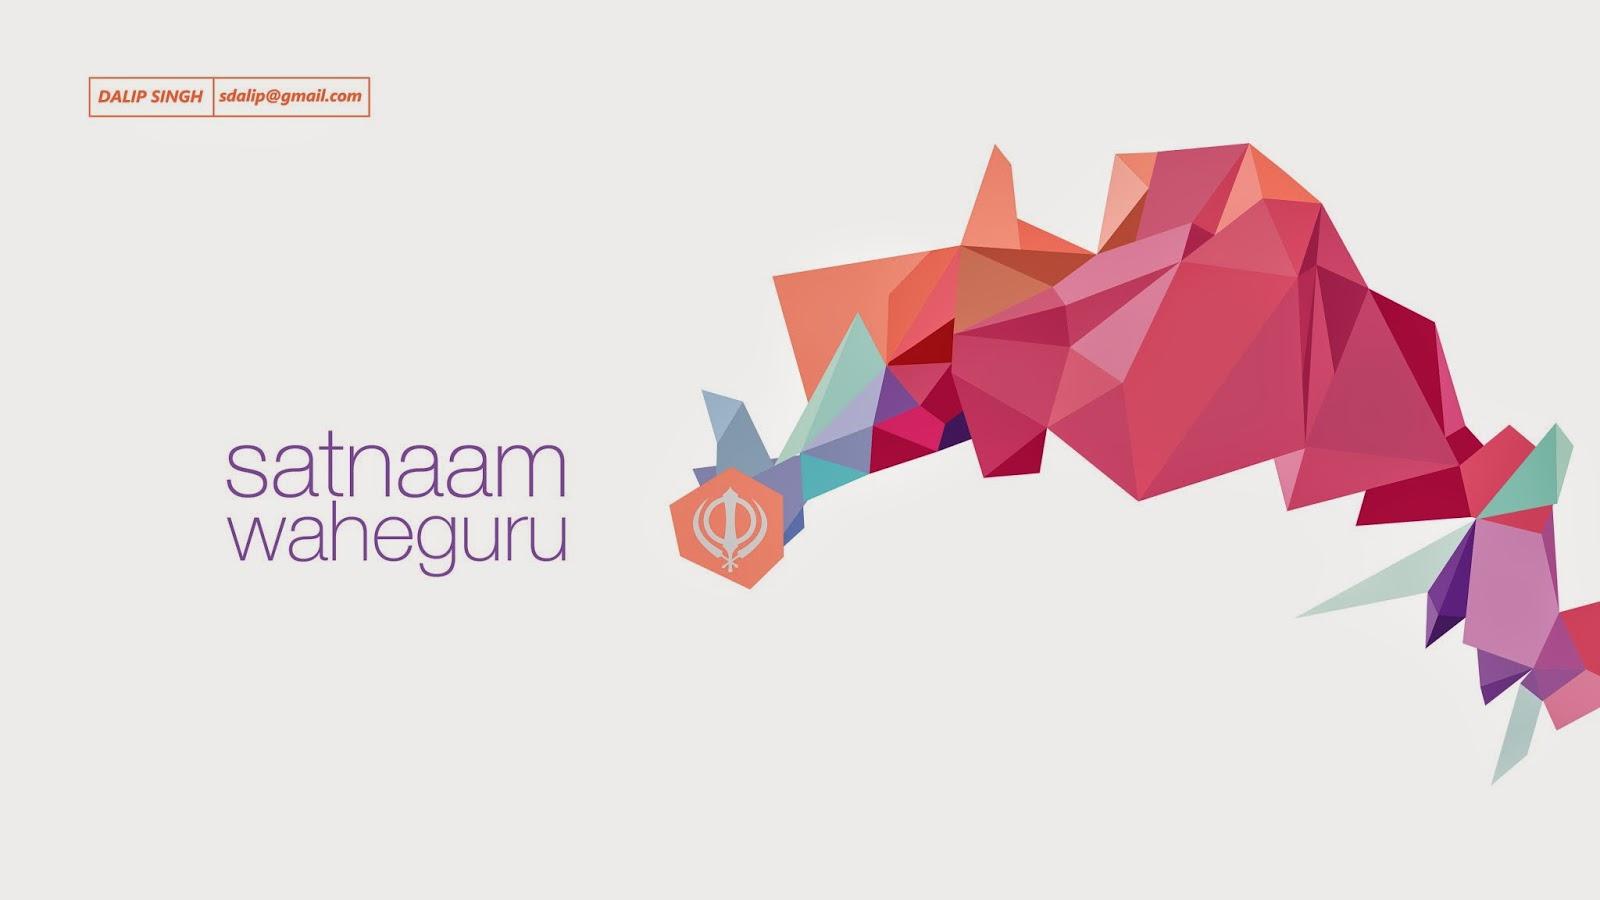 Ek Onkar Hd Wallpaper Satnaam Waheguru Desktop Wallpapers Allaboutsikhi